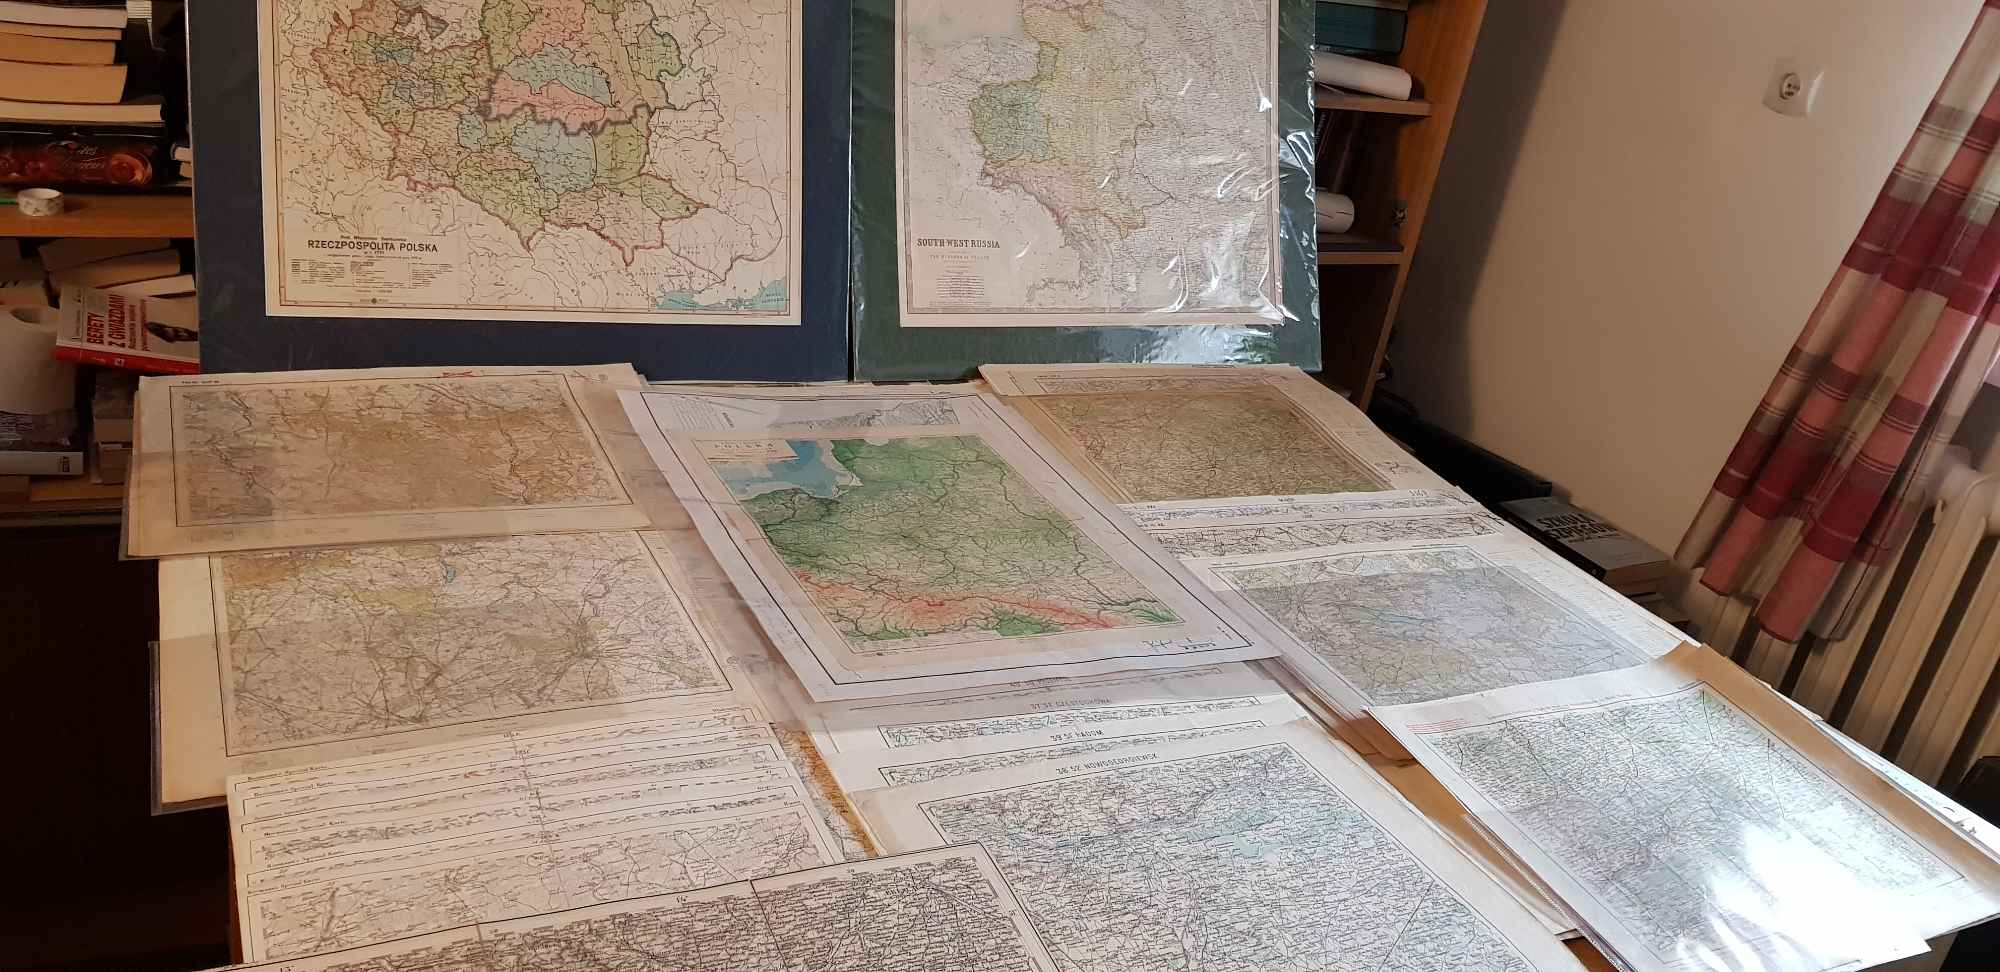 Sprzedam lub wymienie stare  , oryginalne mapy sztabowe  ziem polskich Mazowsze - zdjęcie 1